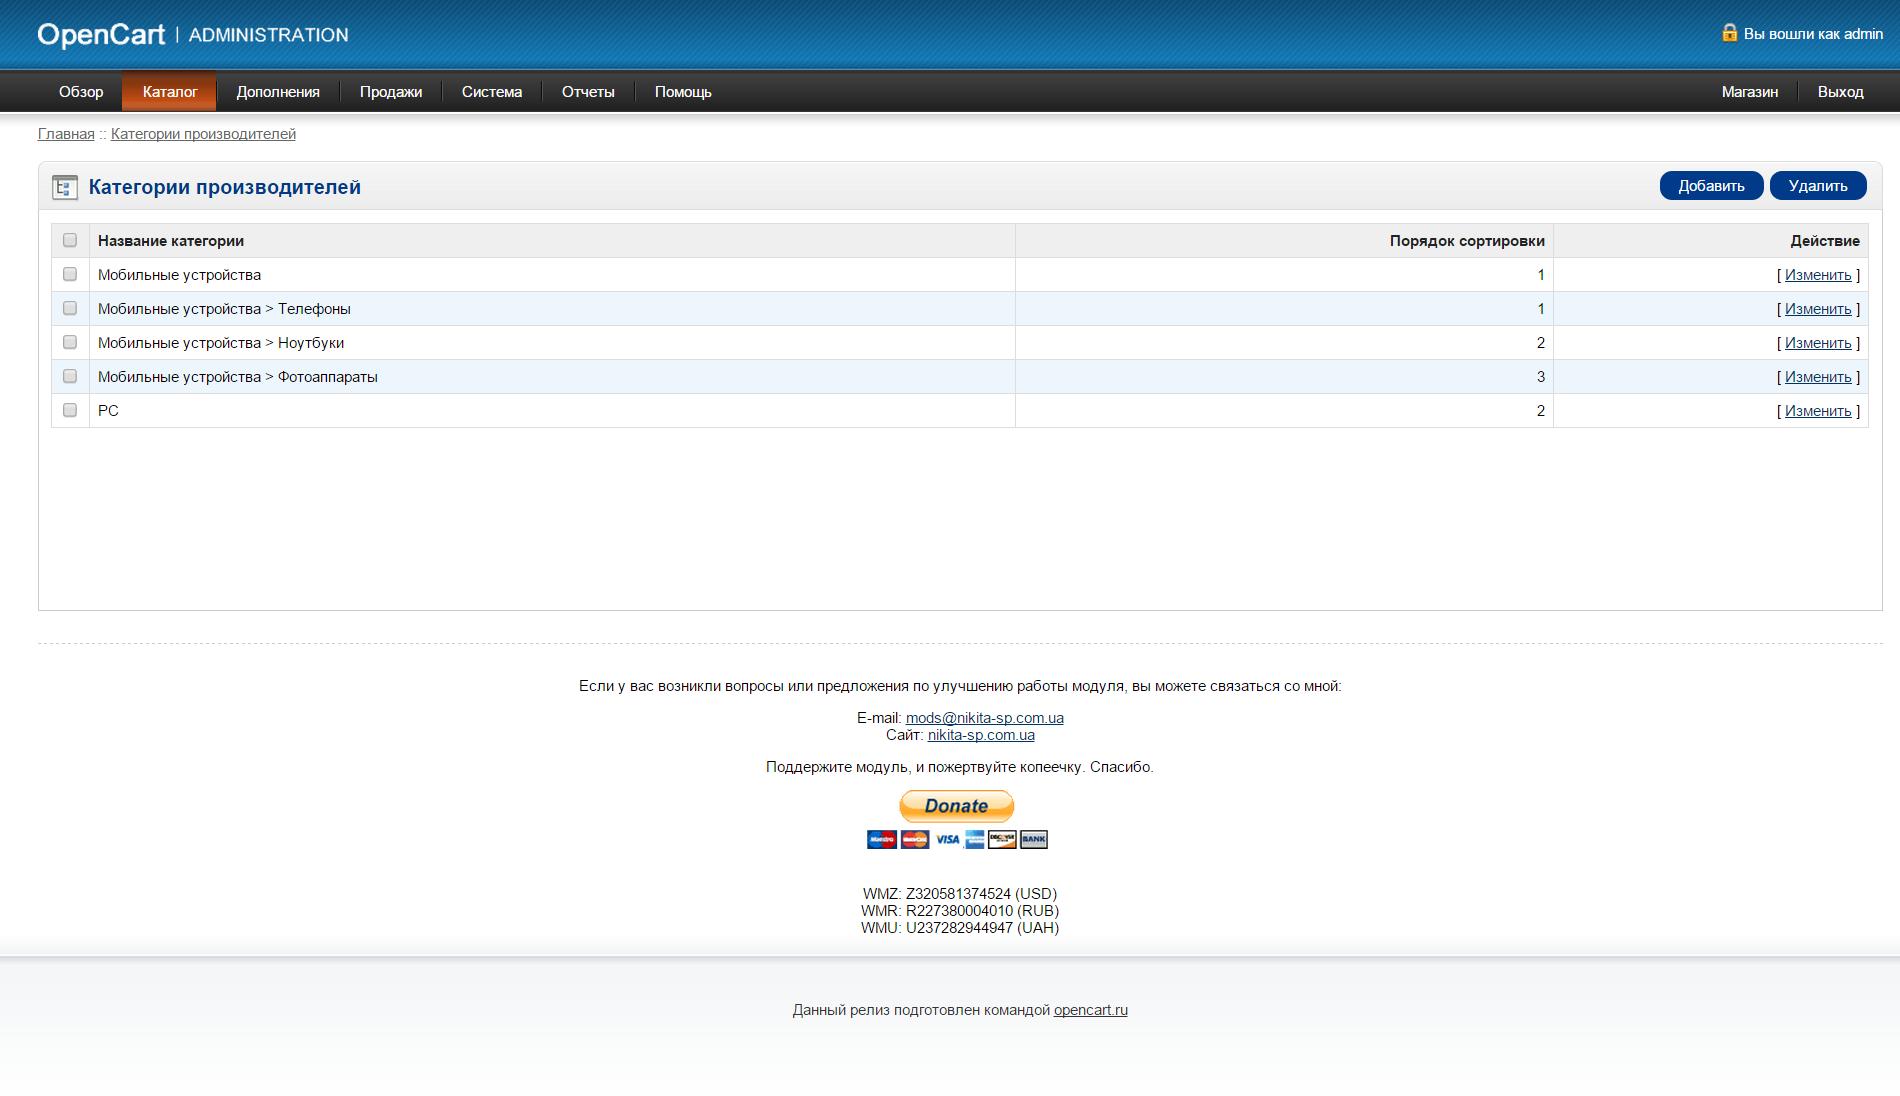 Скриншот 2 - Модуль категорий производителей для Opencart